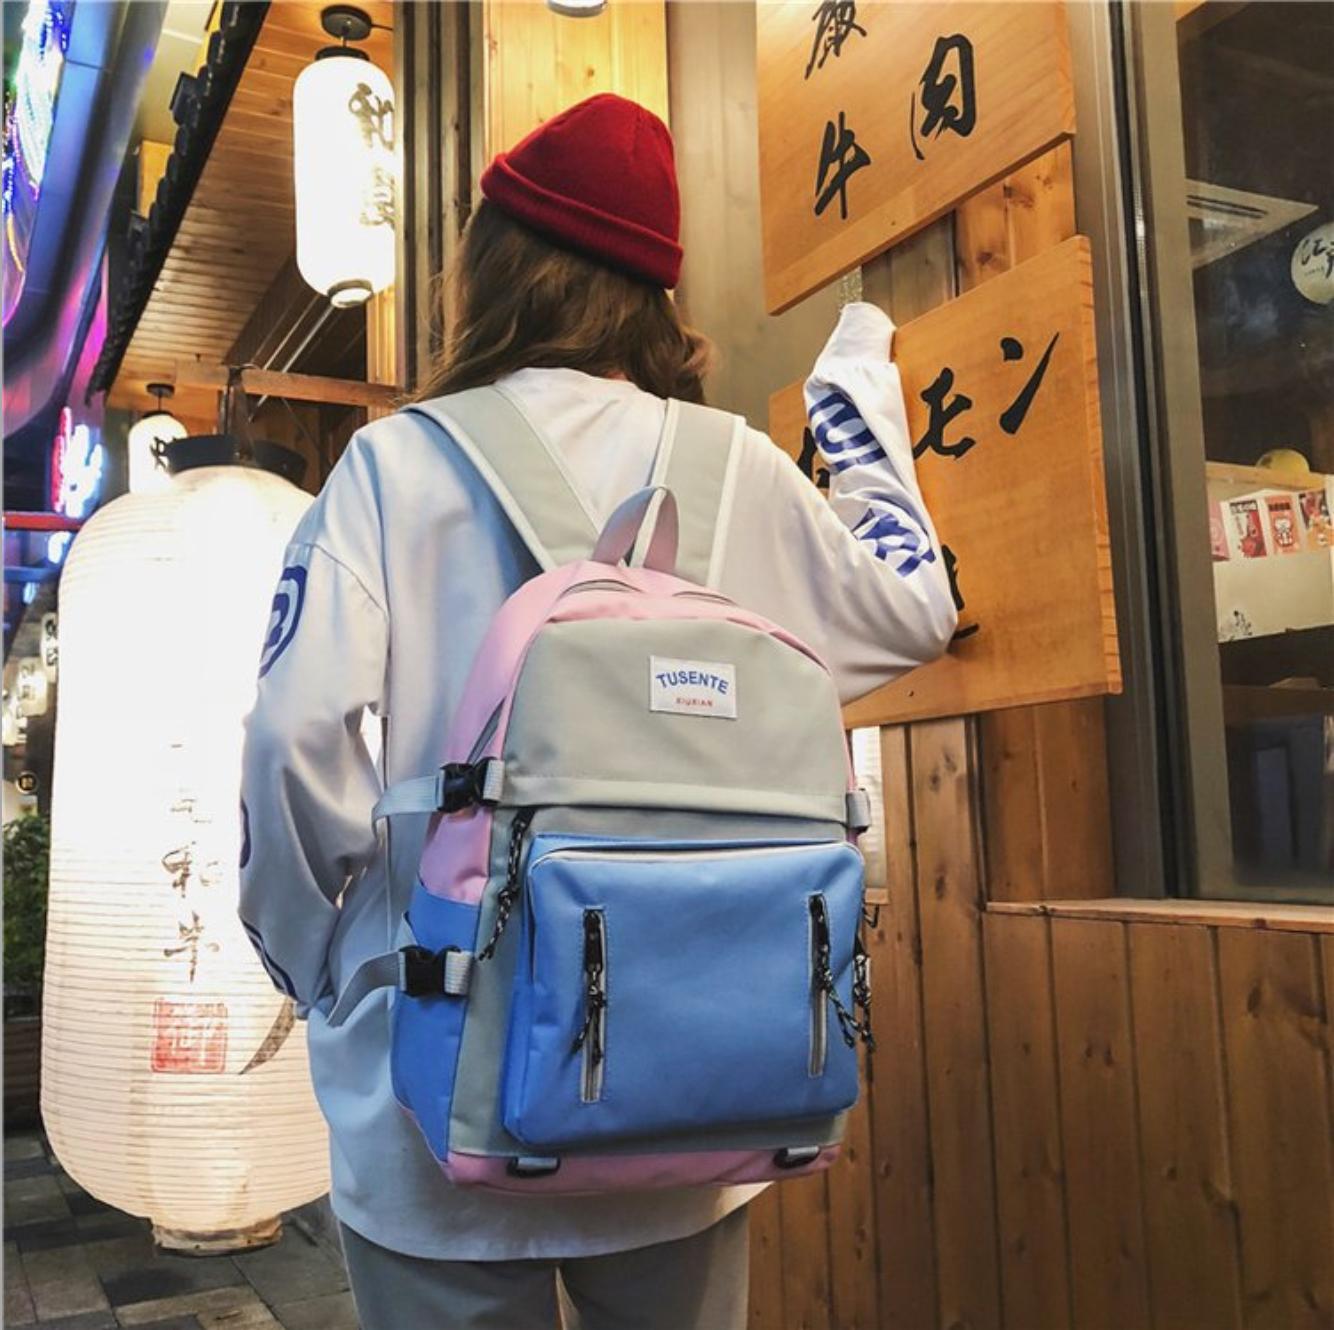 Balo đi học phong cách hàn quốc 8226 (Màu xanh) - BaloStore.Com